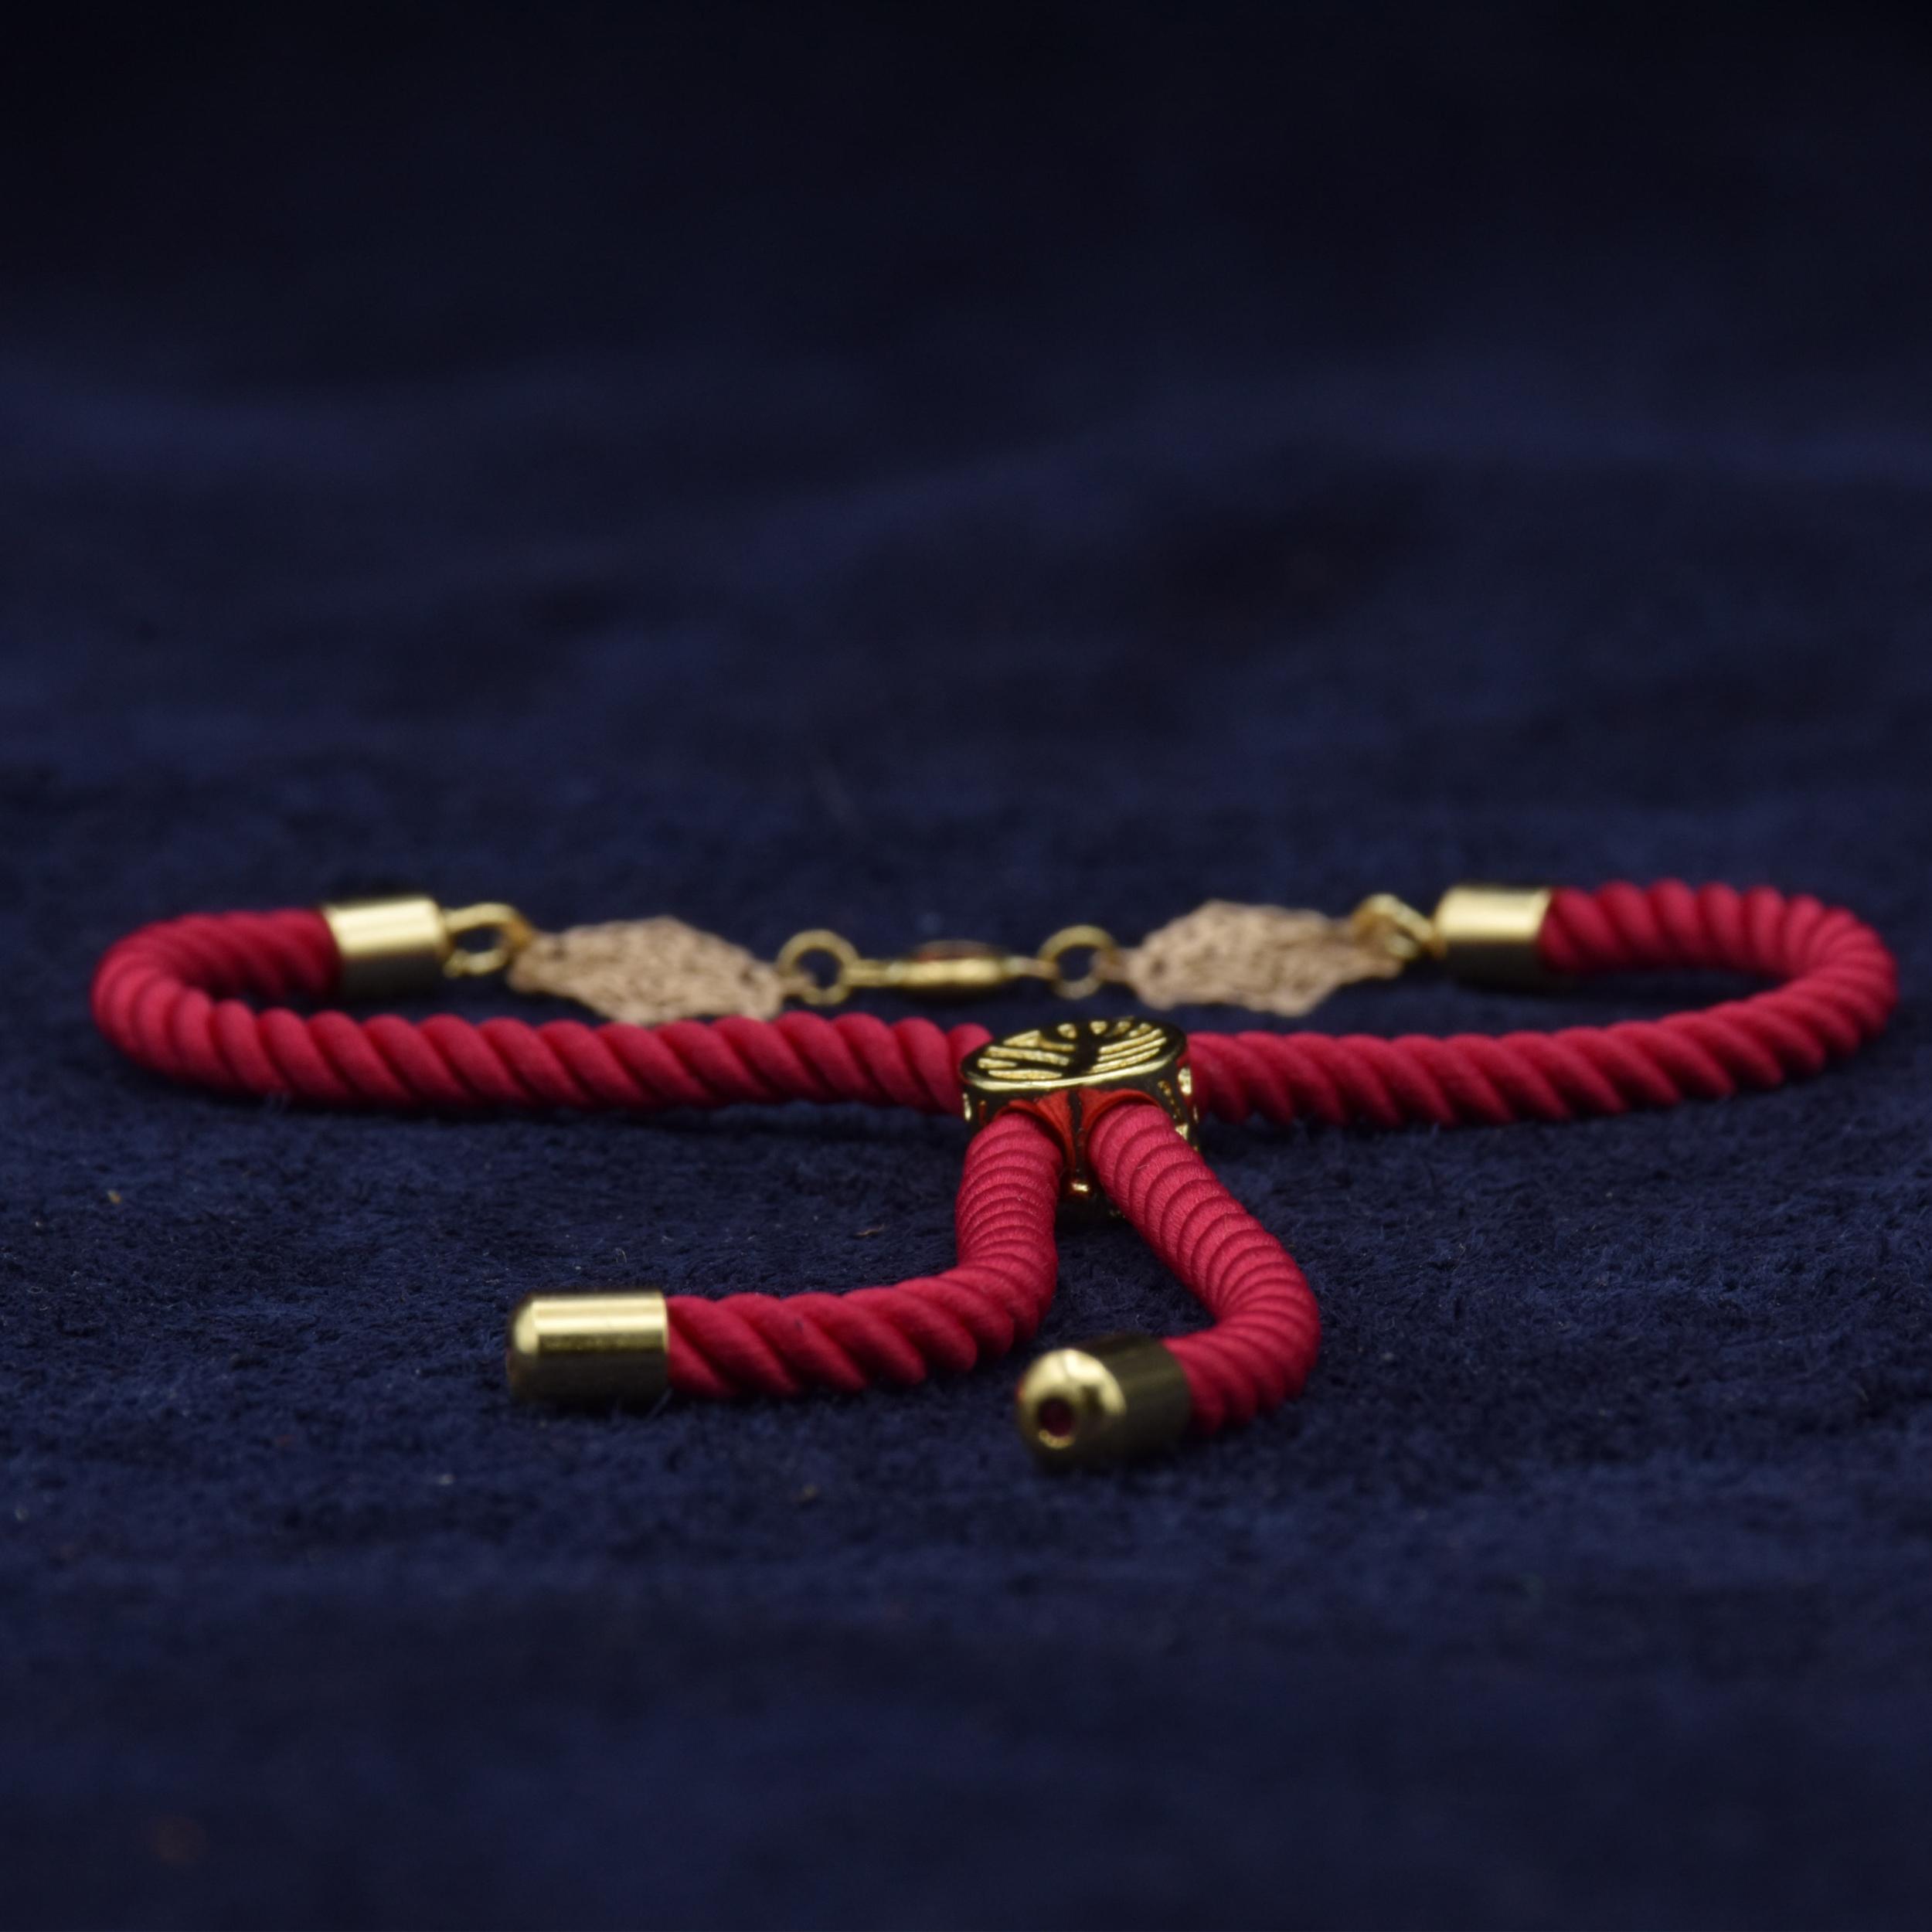 دستبند طلا 18 عیار زنانه آمانژ طرح اسلیمی کد 912D3389 -  - 2